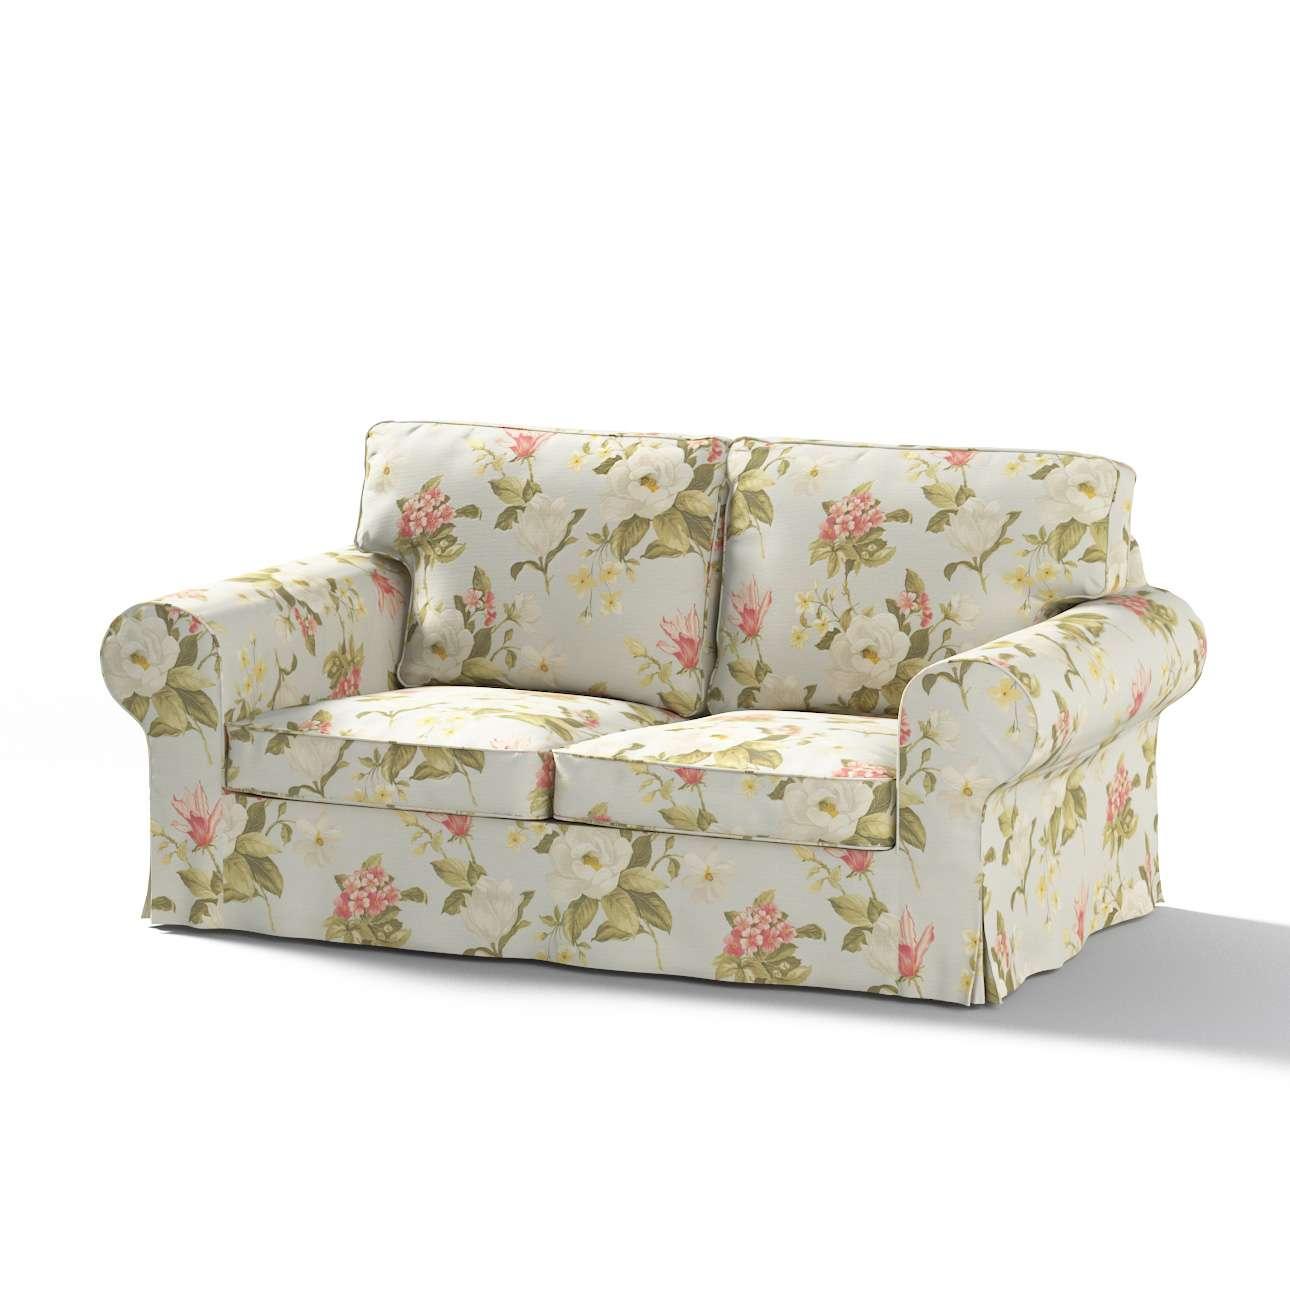 Pokrowiec na sofę Ektorp 2-osobową, rozkładaną, model do 2012 w kolekcji Londres, tkanina: 123-65